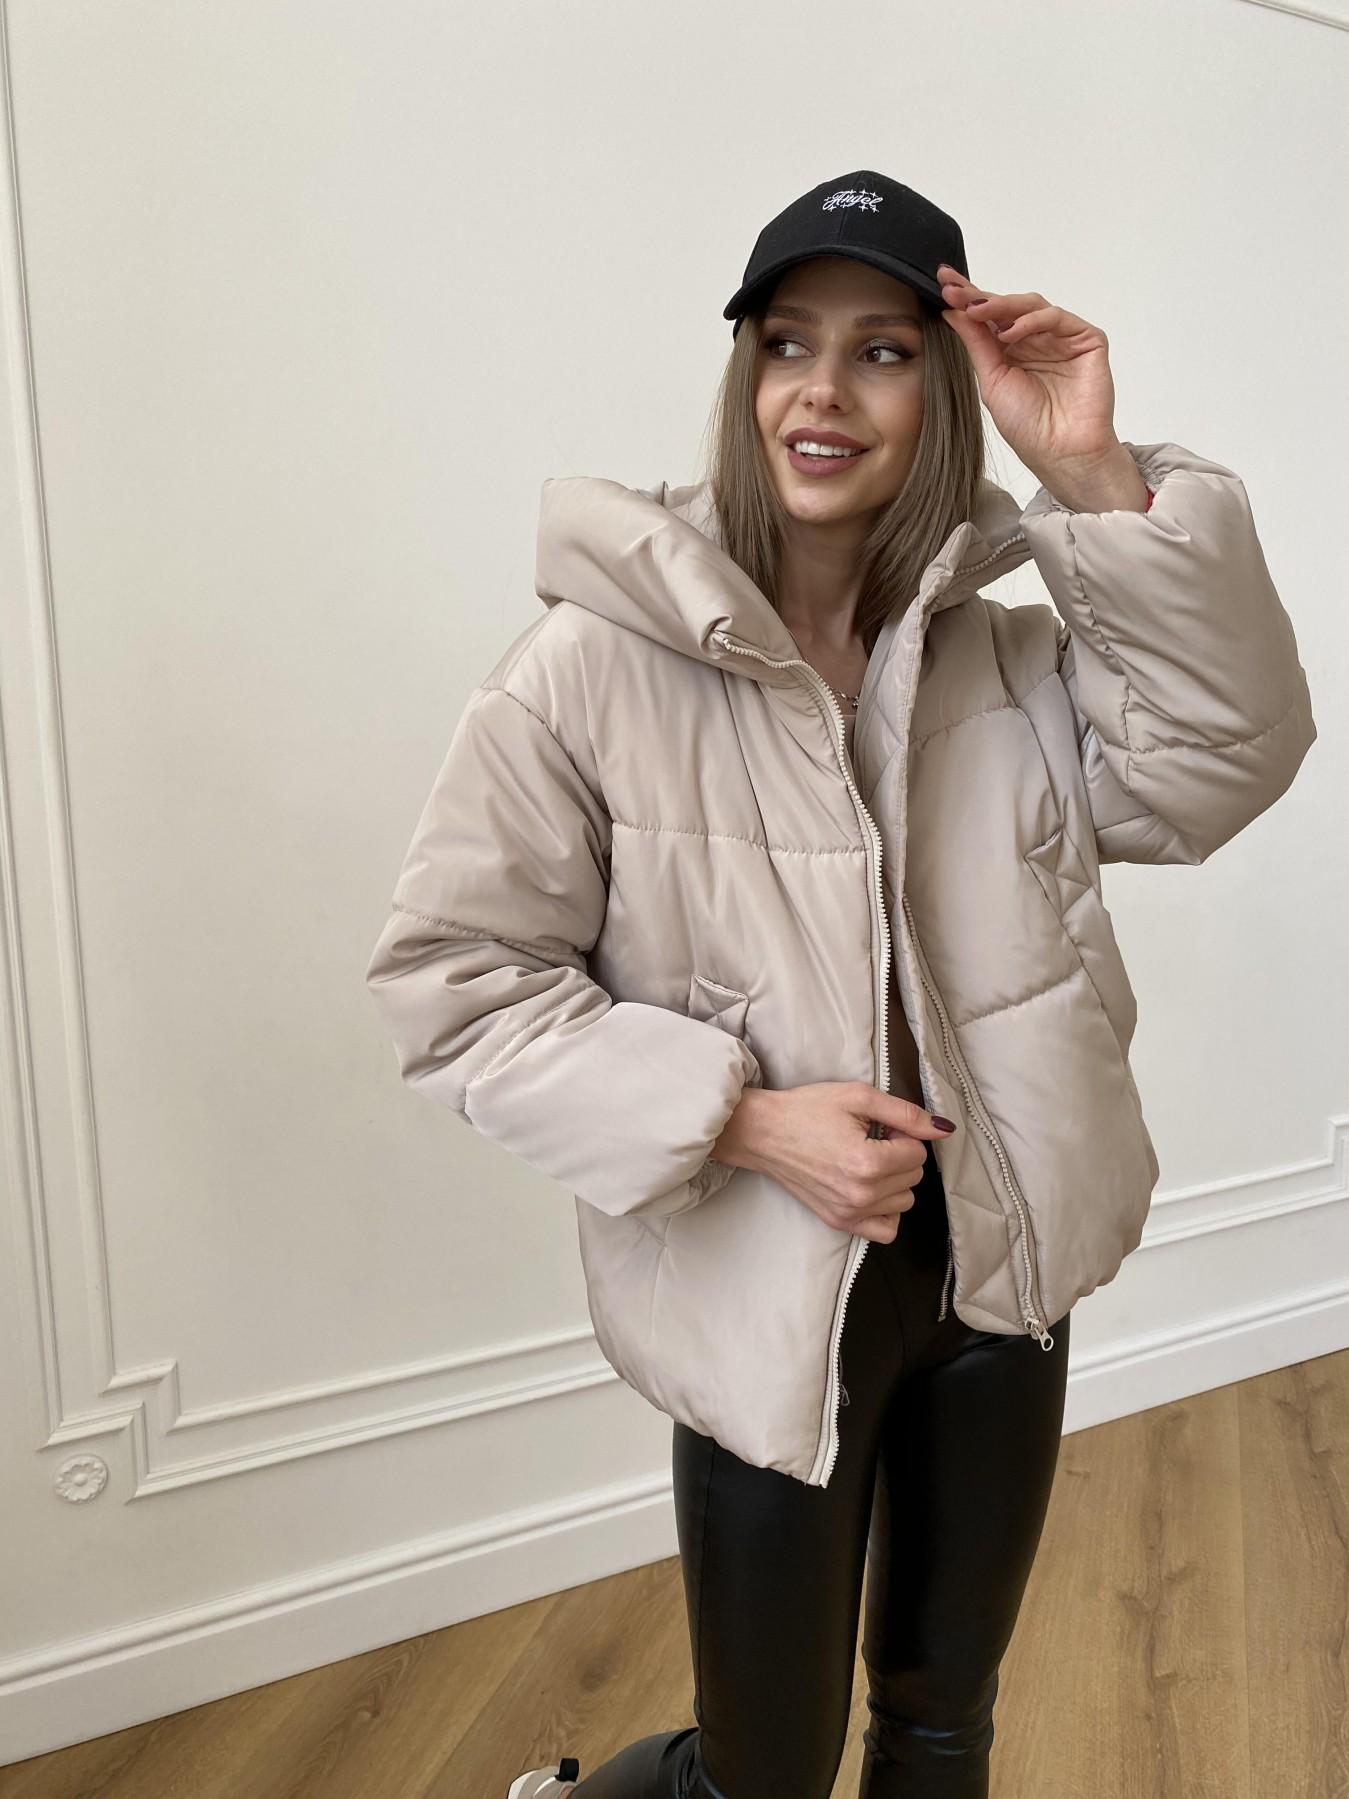 Нокс куртка из плащевой ткани 10535 АРТ. 47482 Цвет: Бежевый - фото 3, интернет магазин tm-modus.ru